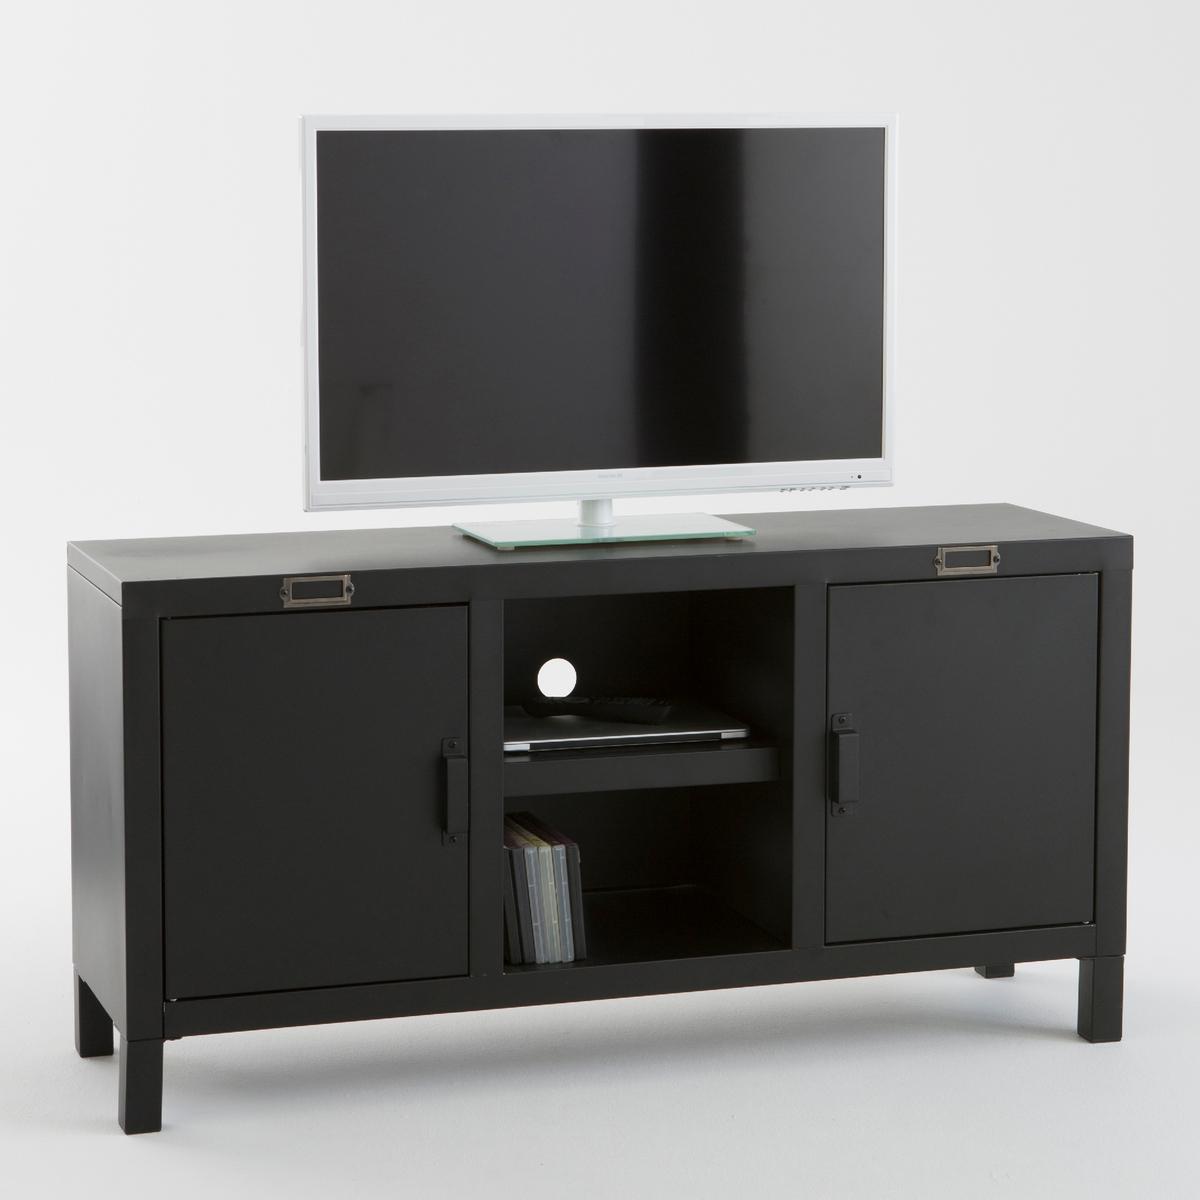 Тумба для ТВ, HibaОписание мебели Hiba :2 дверки с отделением для журналов2 ниши,2 отверстия для кабеля,1 съемная столешница за каждой дверкой.Характеристики мебели Hiba :Сталь с эпоксидным матовым покрытием,Экран до 50 дюймов (127 см)Макимальный. выдерживаемый вес: 40 кг Откройте для себя всю коллекцию  Hiba на сайте laredoute.ru.Размеры мебели Hiba:Общие :Ширина : 120 см.Высота : 60 смГлубина : 35 см.Центральные ниши:34,5 x 15 x 33 см Размеры упаковки :1 упаковка131 x 14 x 51 см22,65 кгДоставка :Мебель TV Hiba продается готовой к сборке. Доставка до квартиры!Внимание ! Убедитесь, что товар возможно доставить на дом, учитывая его габариты (проходит в двери, по лестницам, в лифты).<br><br>Цвет: черный